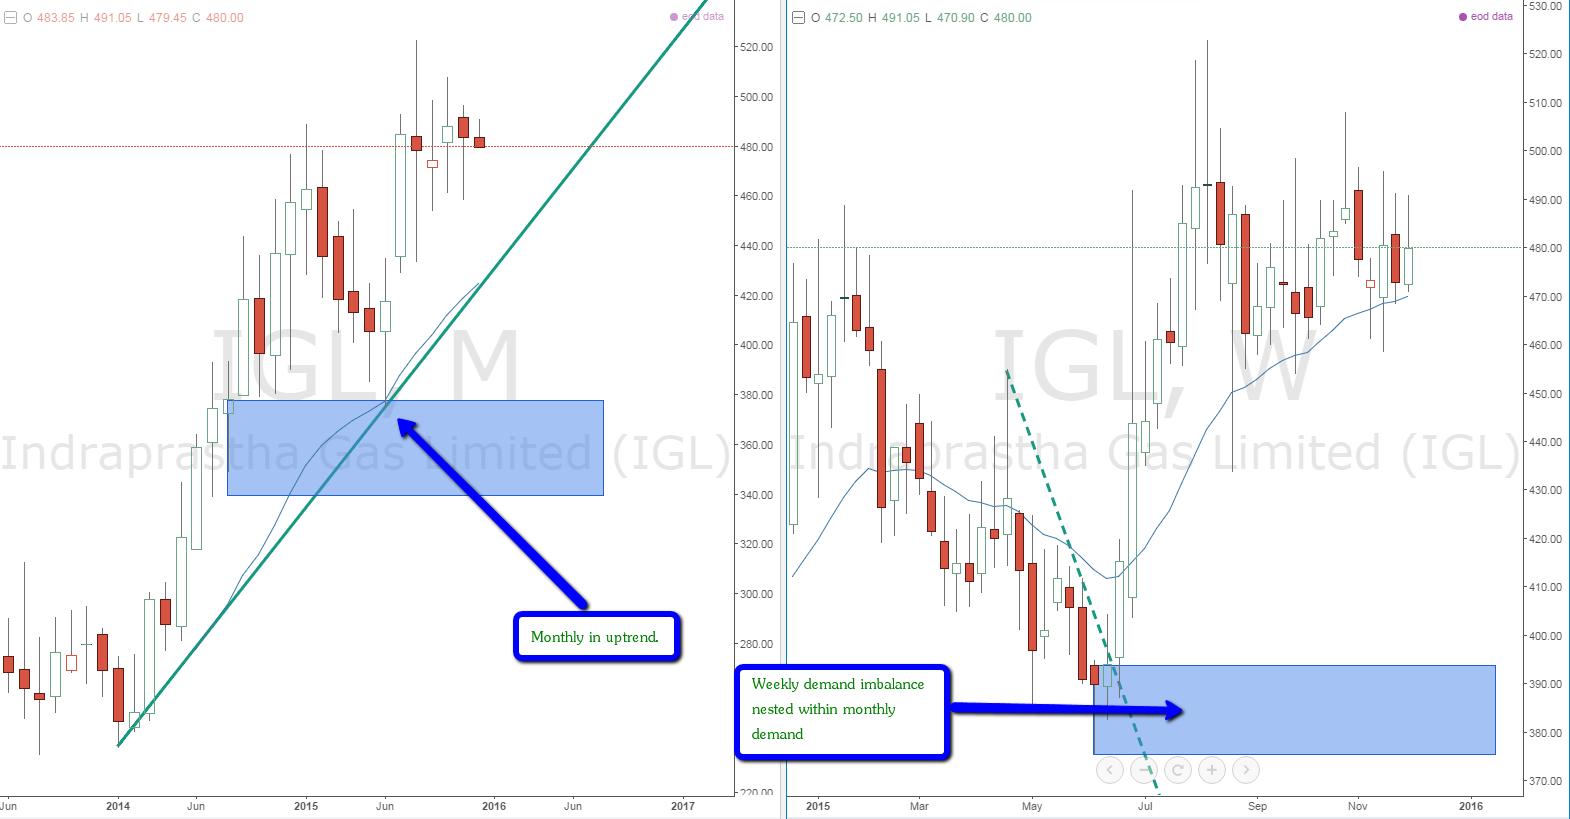 igl_monthly